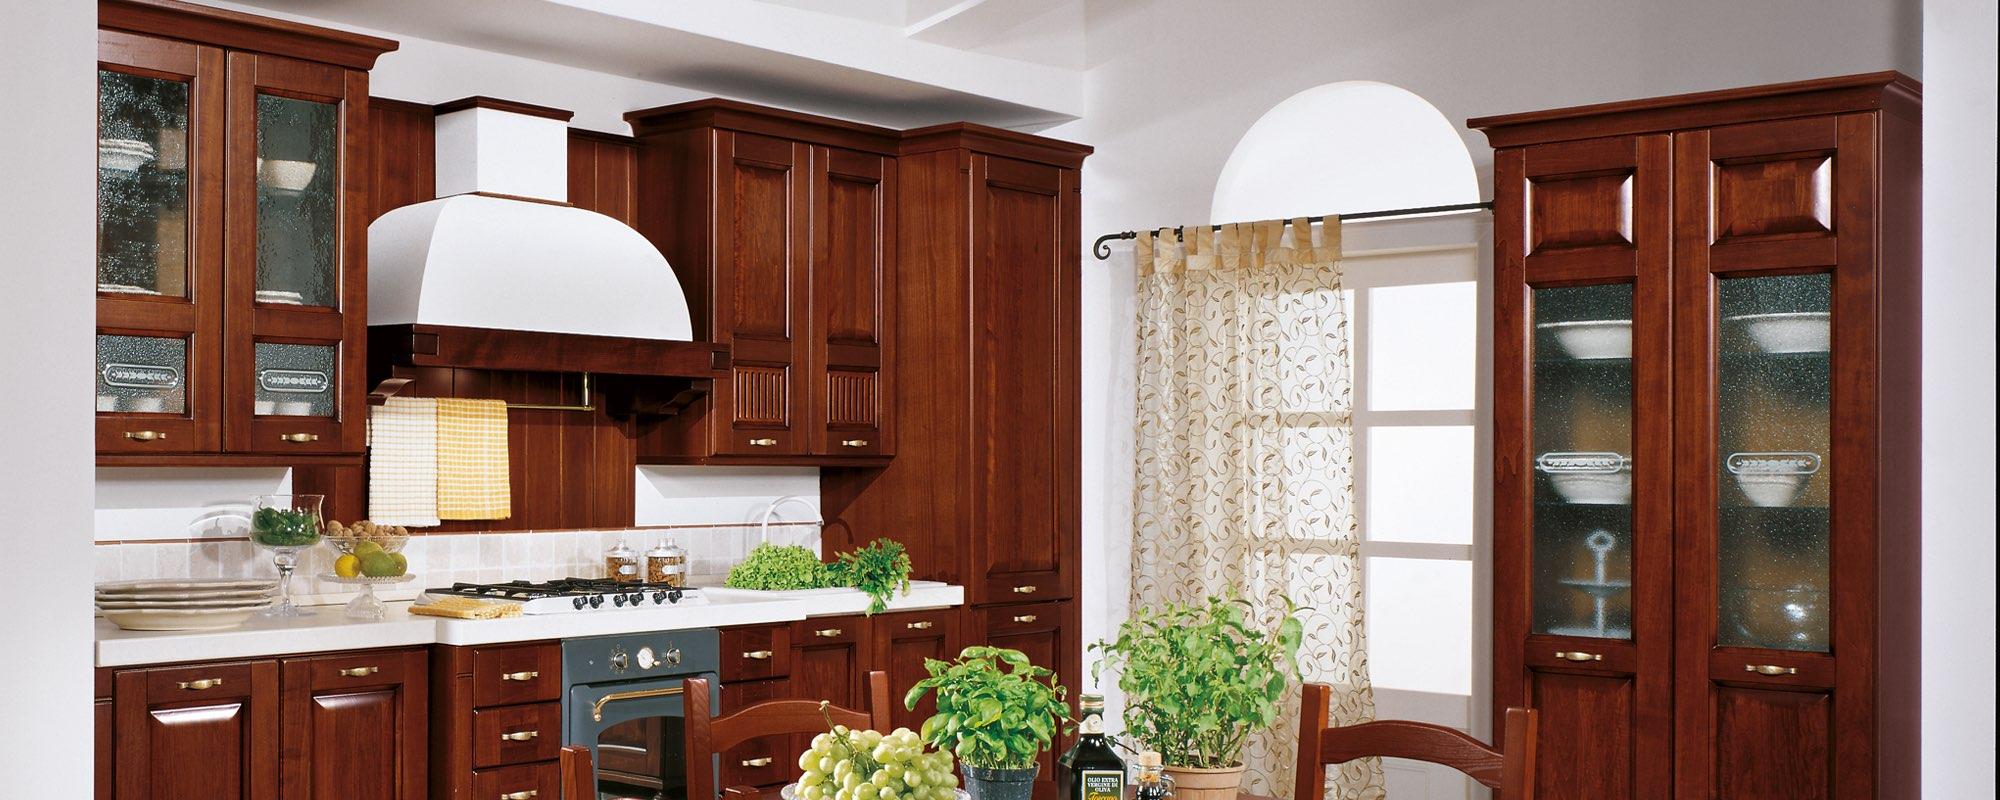 vista laterale di una cucina classica componibili stosa con tavolo apparecchiati -Malaga